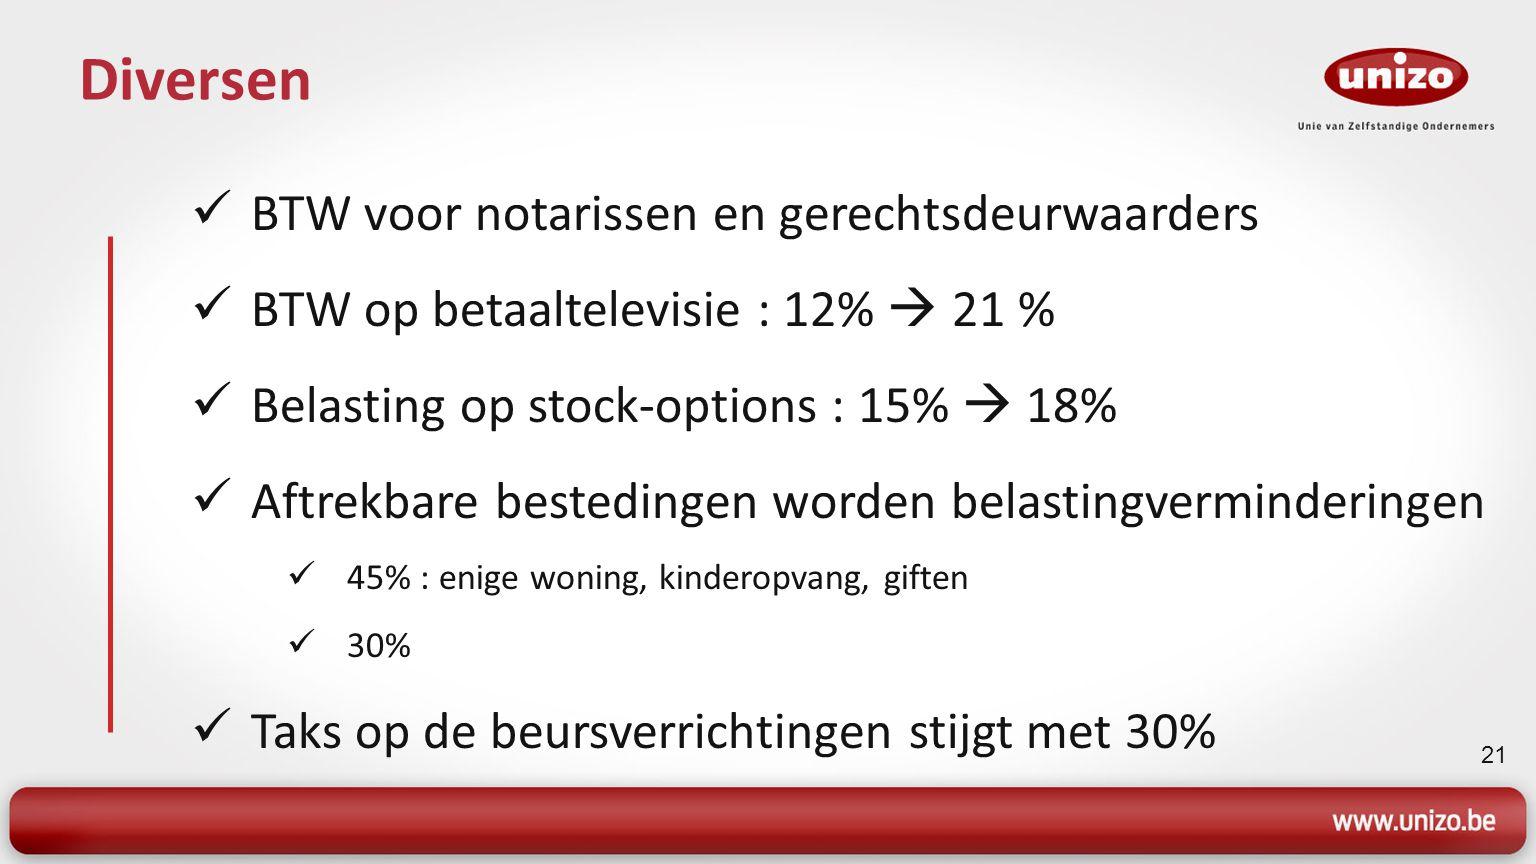 21 Diversen BTW voor notarissen en gerechtsdeurwaarders BTW op betaaltelevisie : 12%  21 % Belasting op stock-options : 15%  18% Aftrekbare bestedin